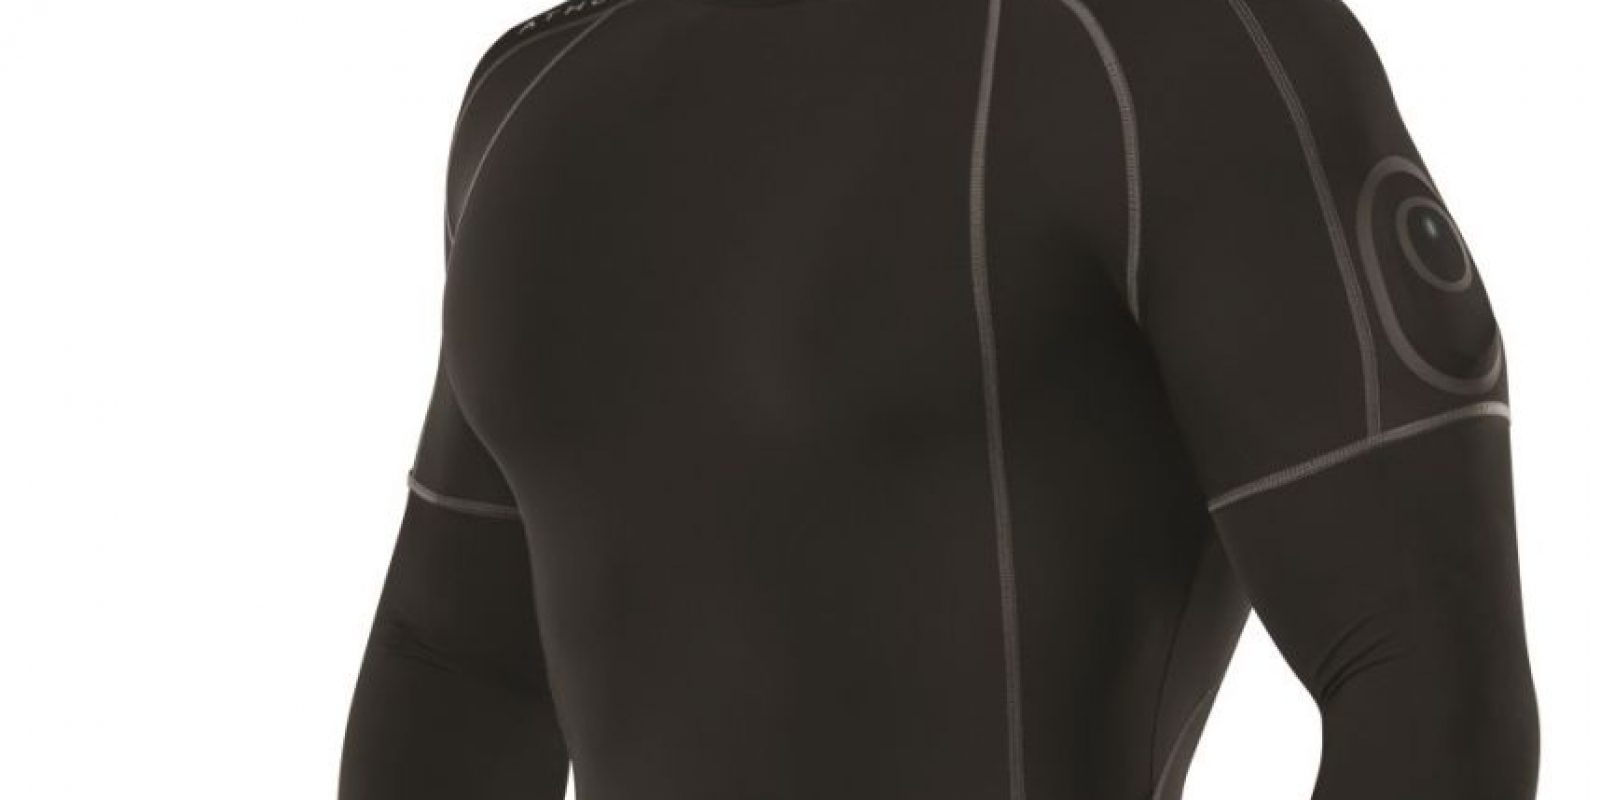 """Athos Apparel ¿Qué tal unas telas bonitas que trabajen tanto como tú? Athos Apparel es una marca deportiva """"inteligente"""" que cuenta con sensores especiales de recopilación de datos incrustados en la ropa. La tecnología portátil recopila estadísticas acerca de tus patrones de respiración, la actividad muscular y la frecuencia cardíaca. La gama de productos Athos incluye camisas, capris y shorts, que utilizan tejidos de compresión para reducir la fatiga del corredor y el dolor.En Liveathos.com, de US$99 a $198."""